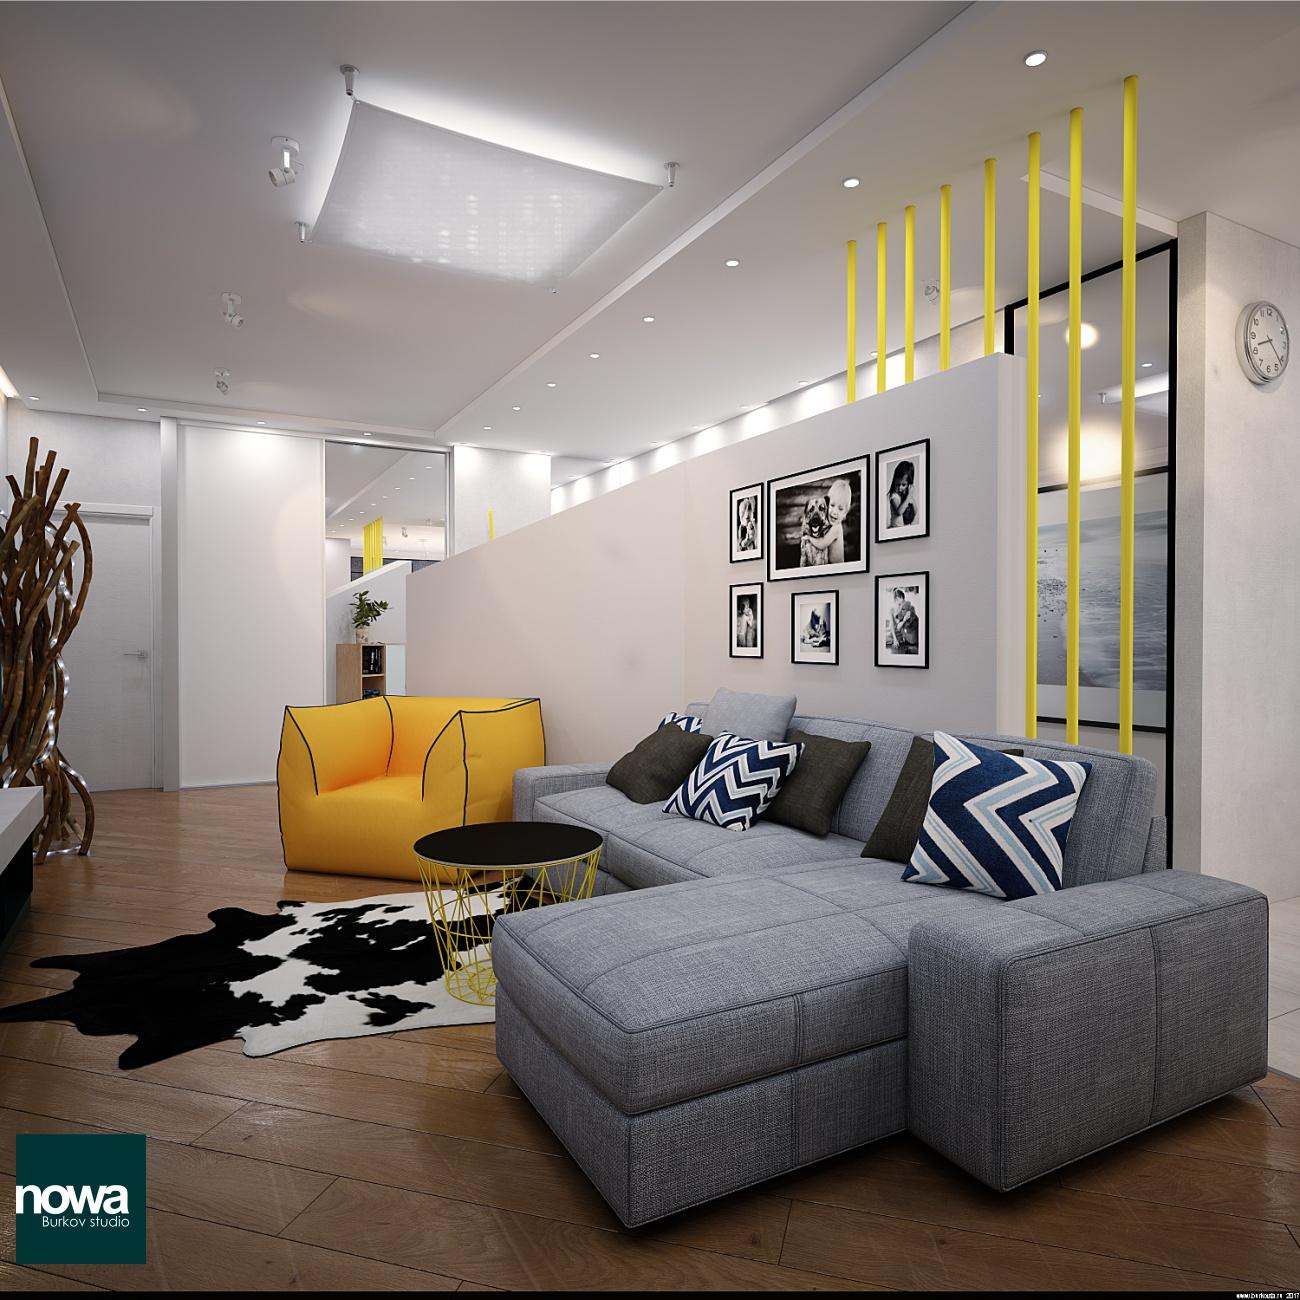 диван и бескаркасное кресло в современном интерьере